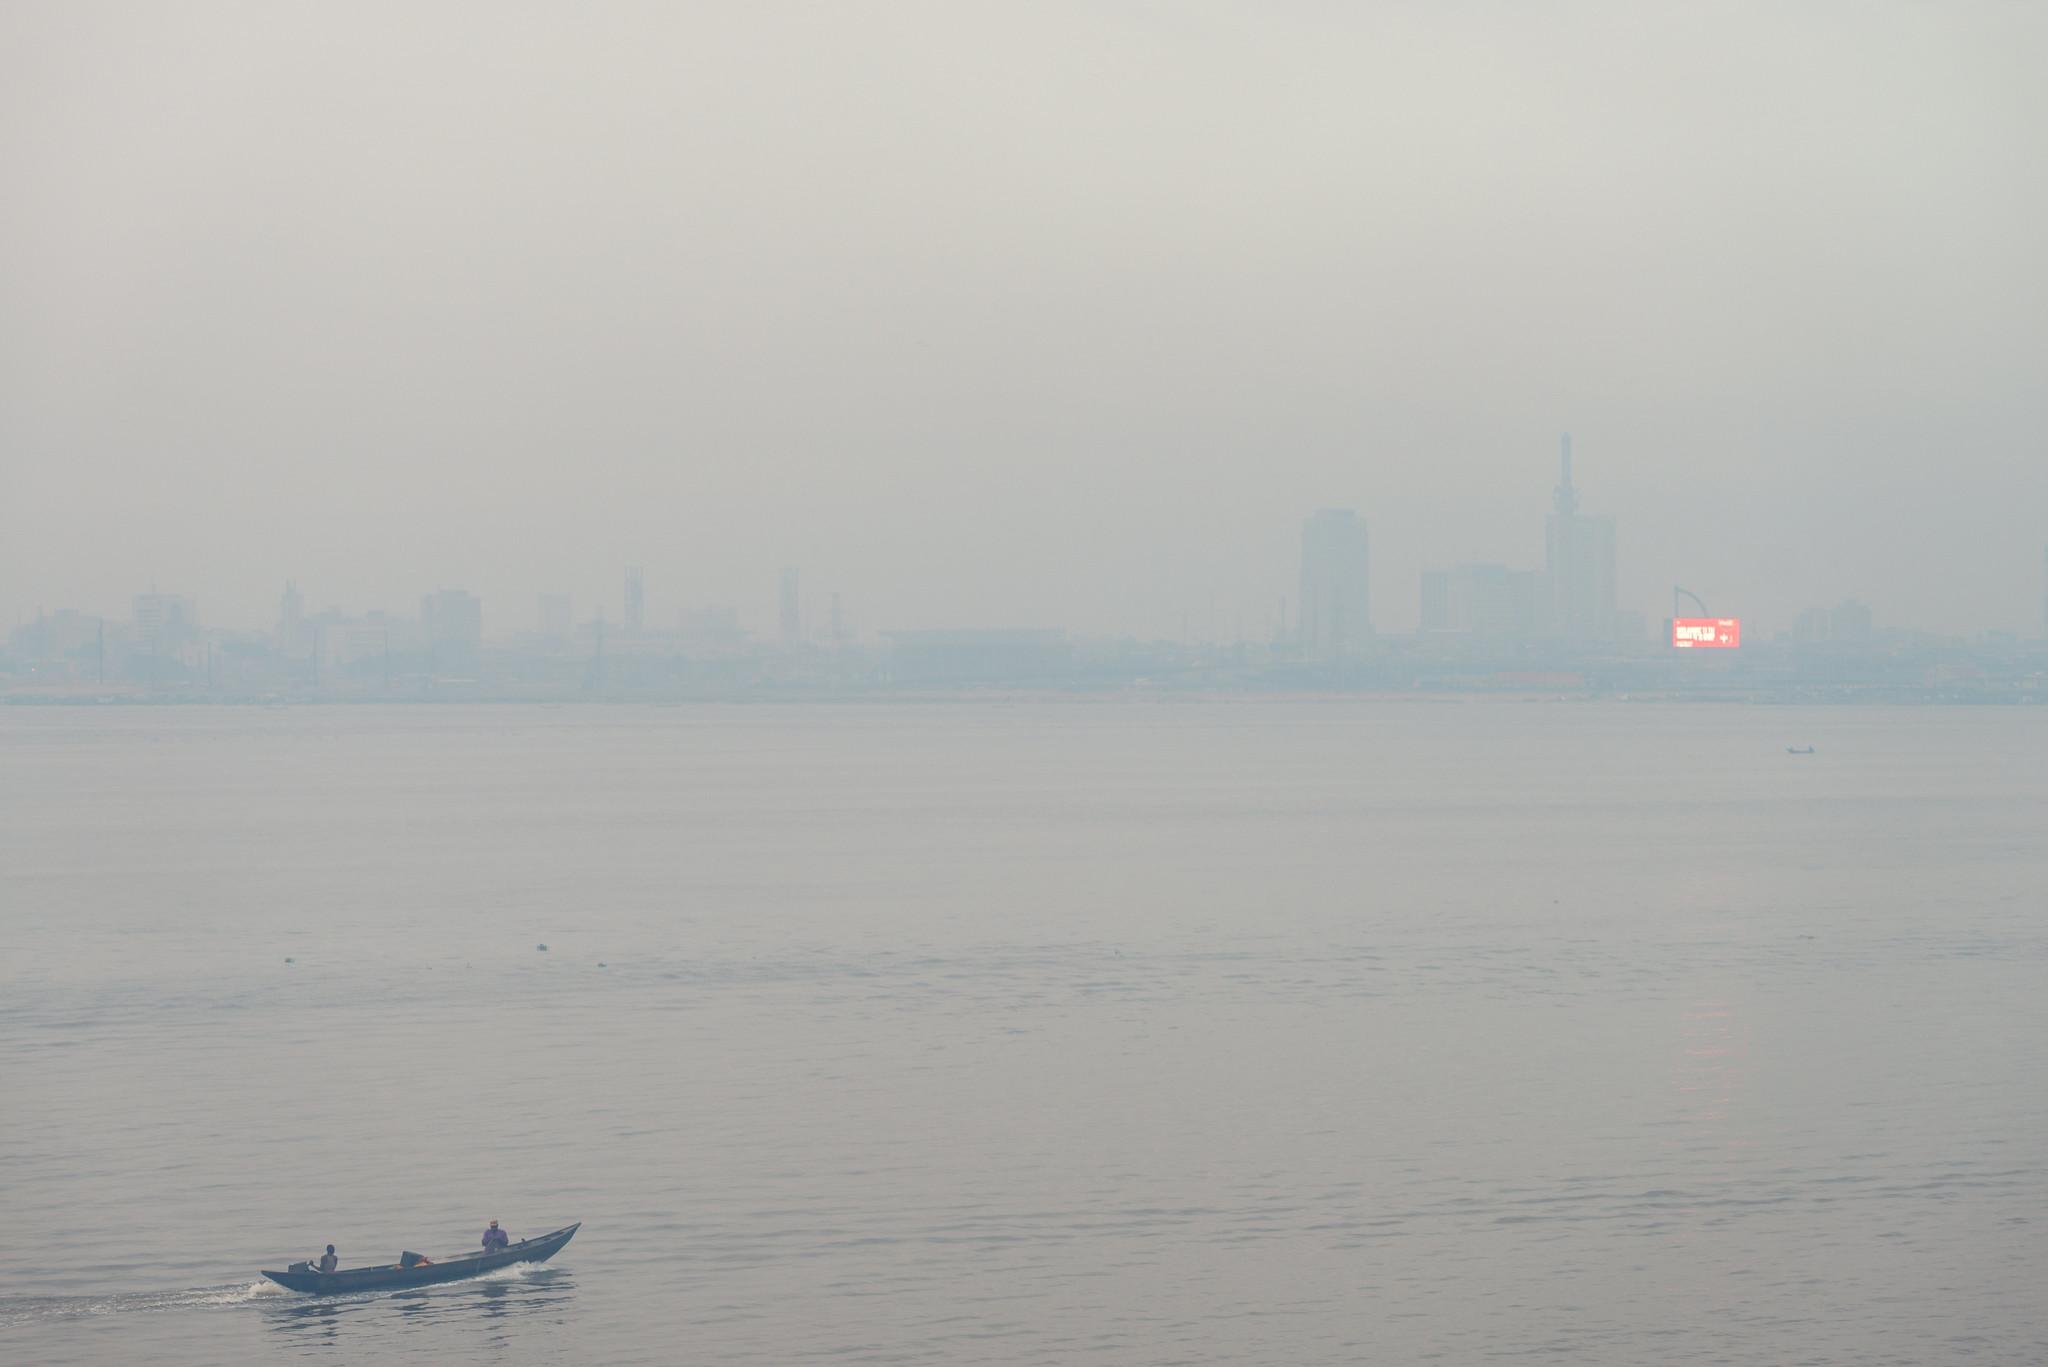 Lagos Morning Smog